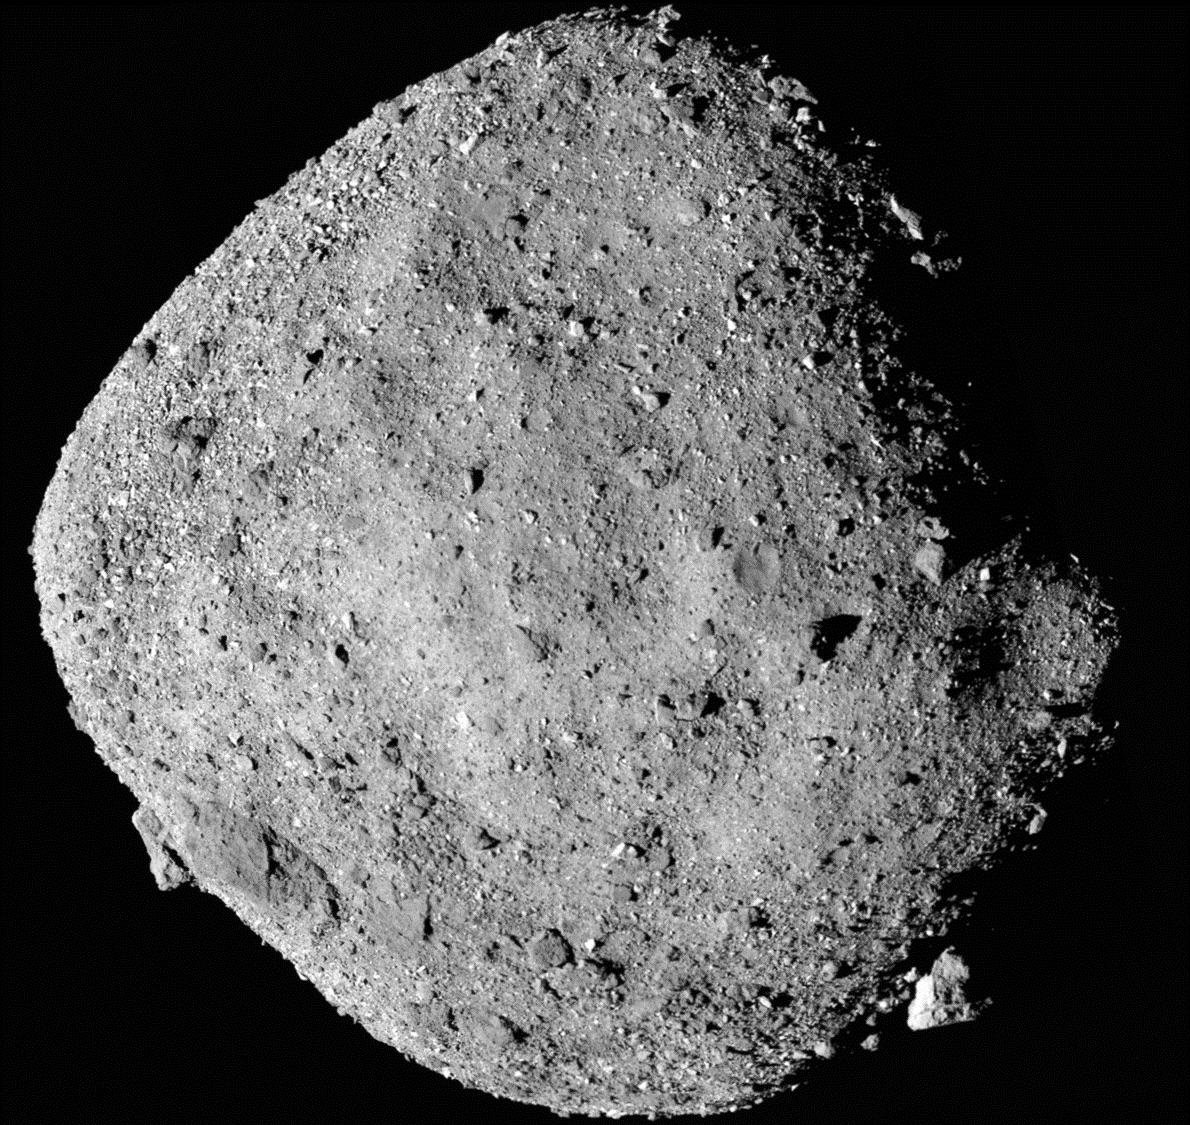 ¿Podríamos desviar un asteroide como Bennu si fuese a chocar contra la Tierra? - Eureka